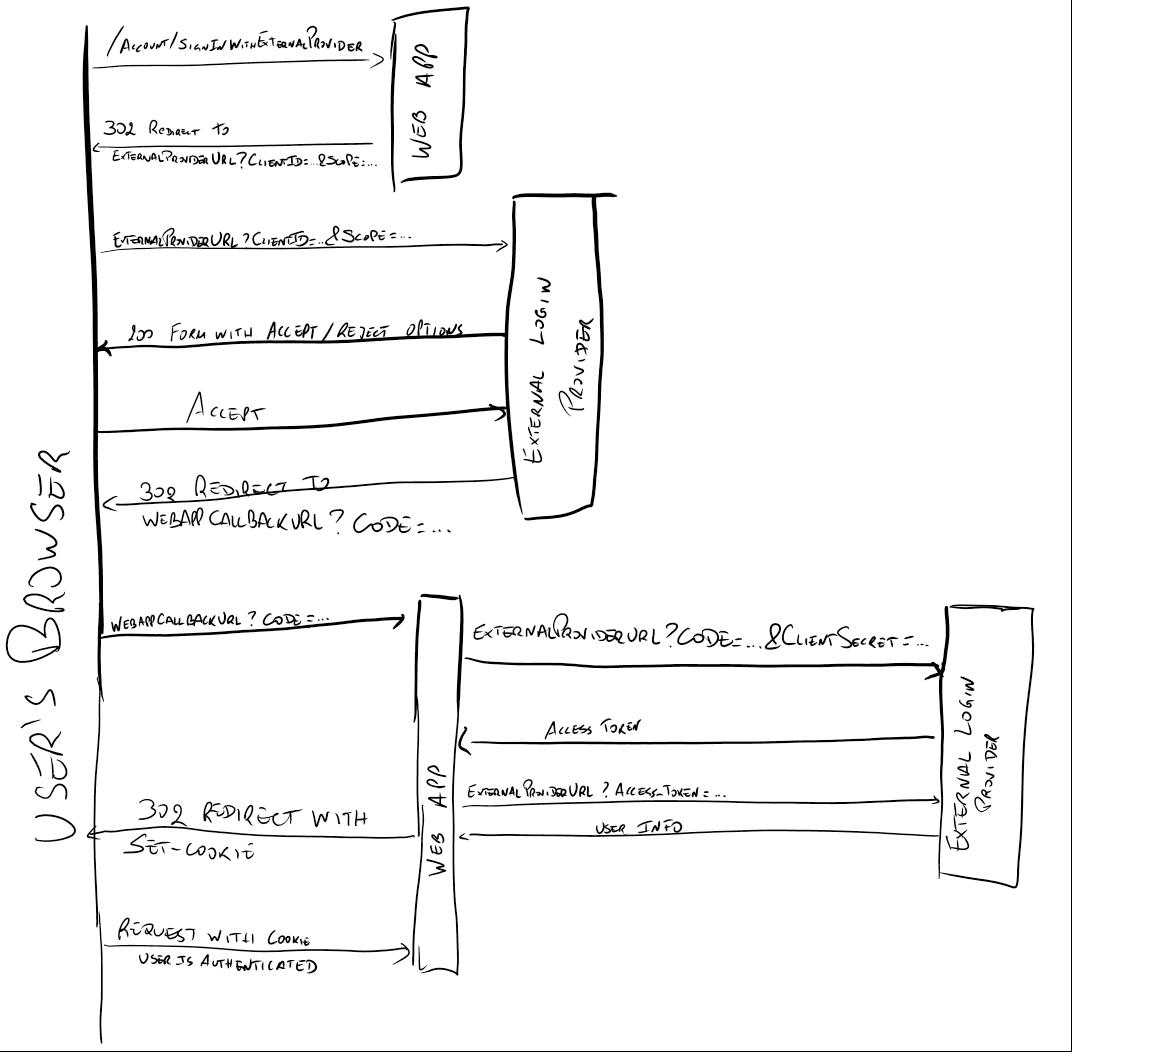 OAuth2 Diagram